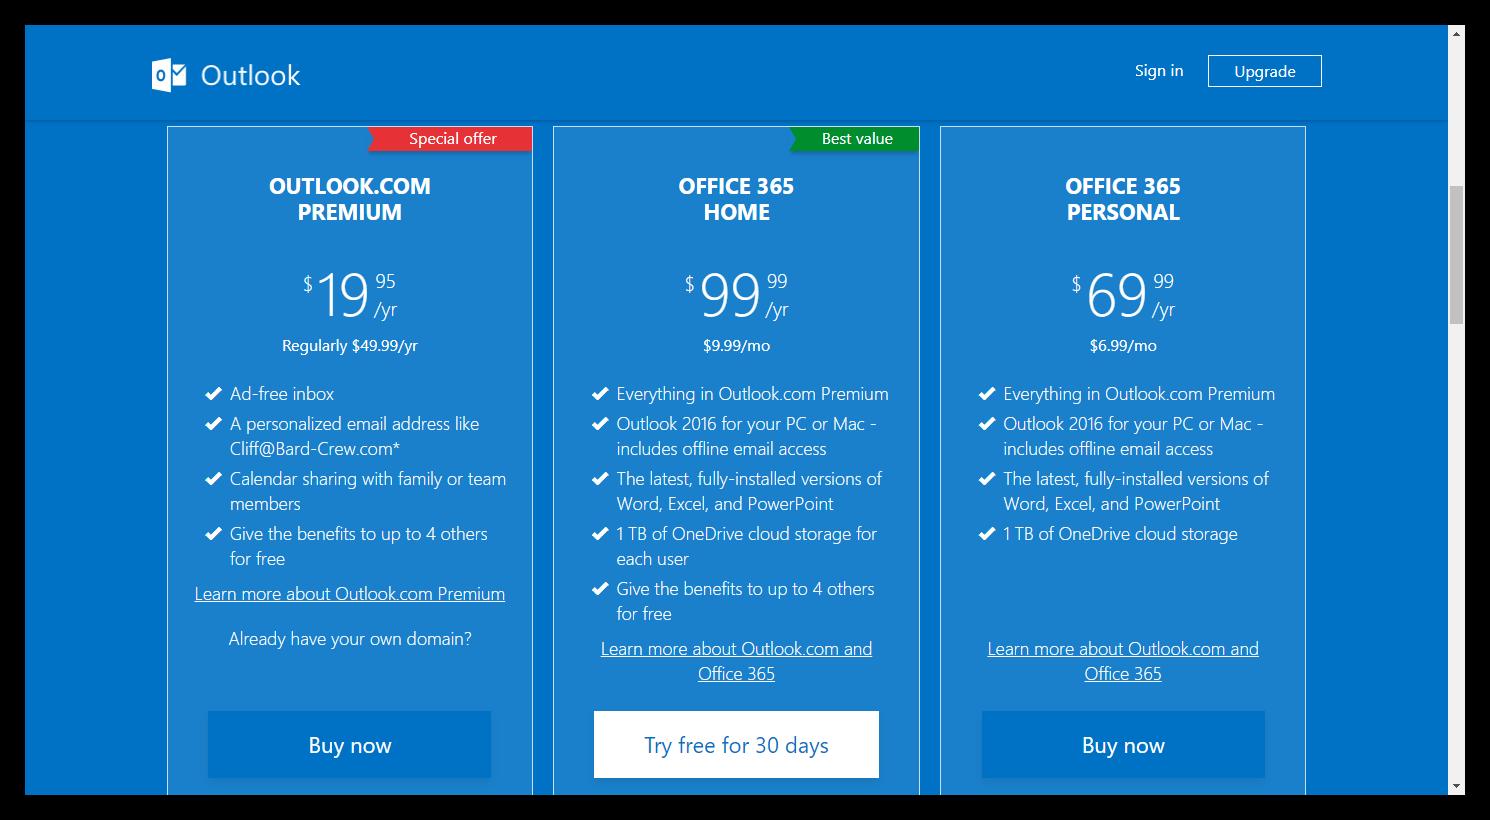 Outlook Premium